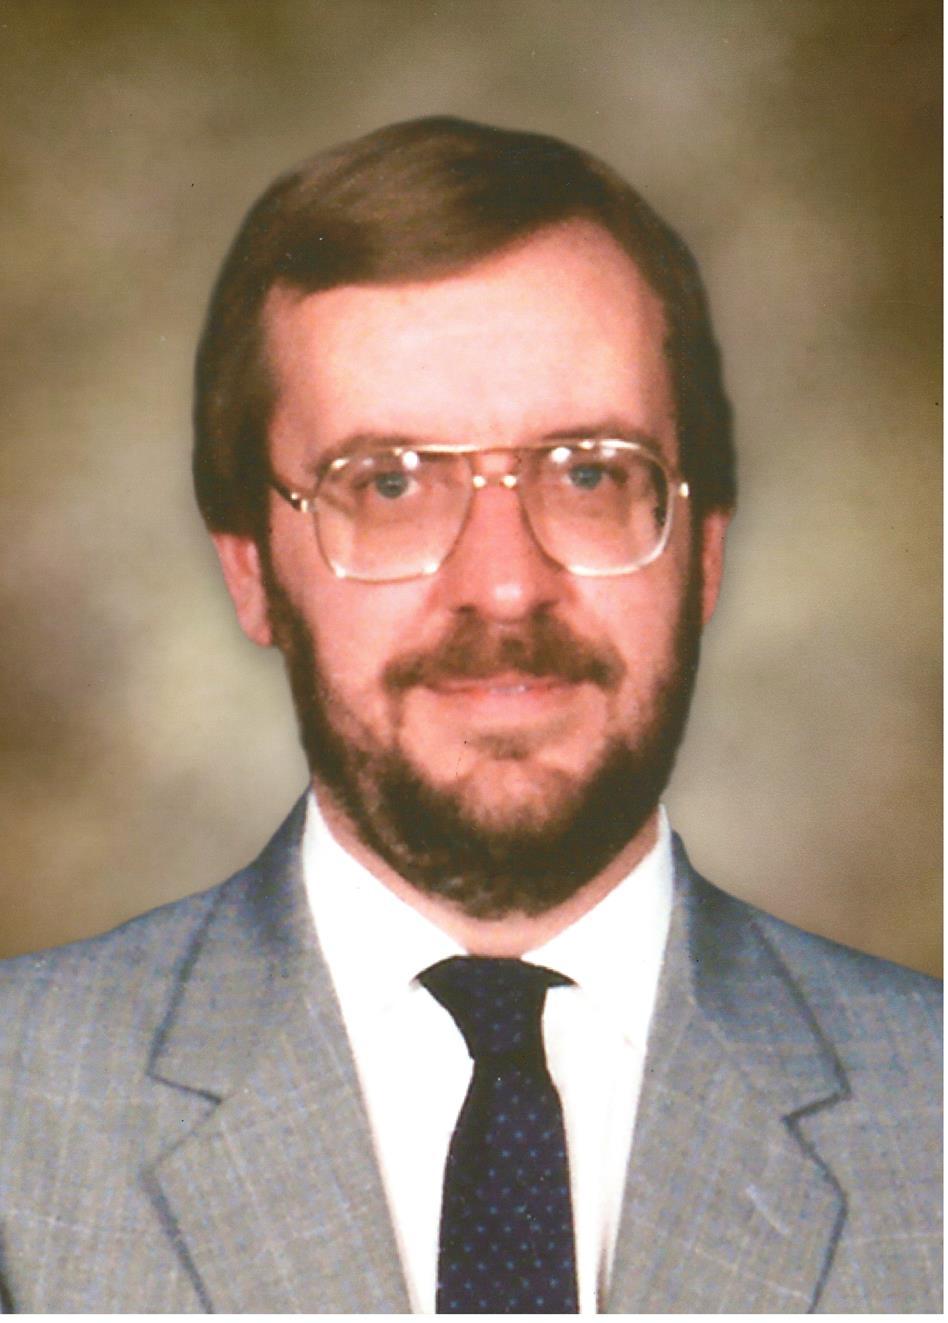 David E. Robards